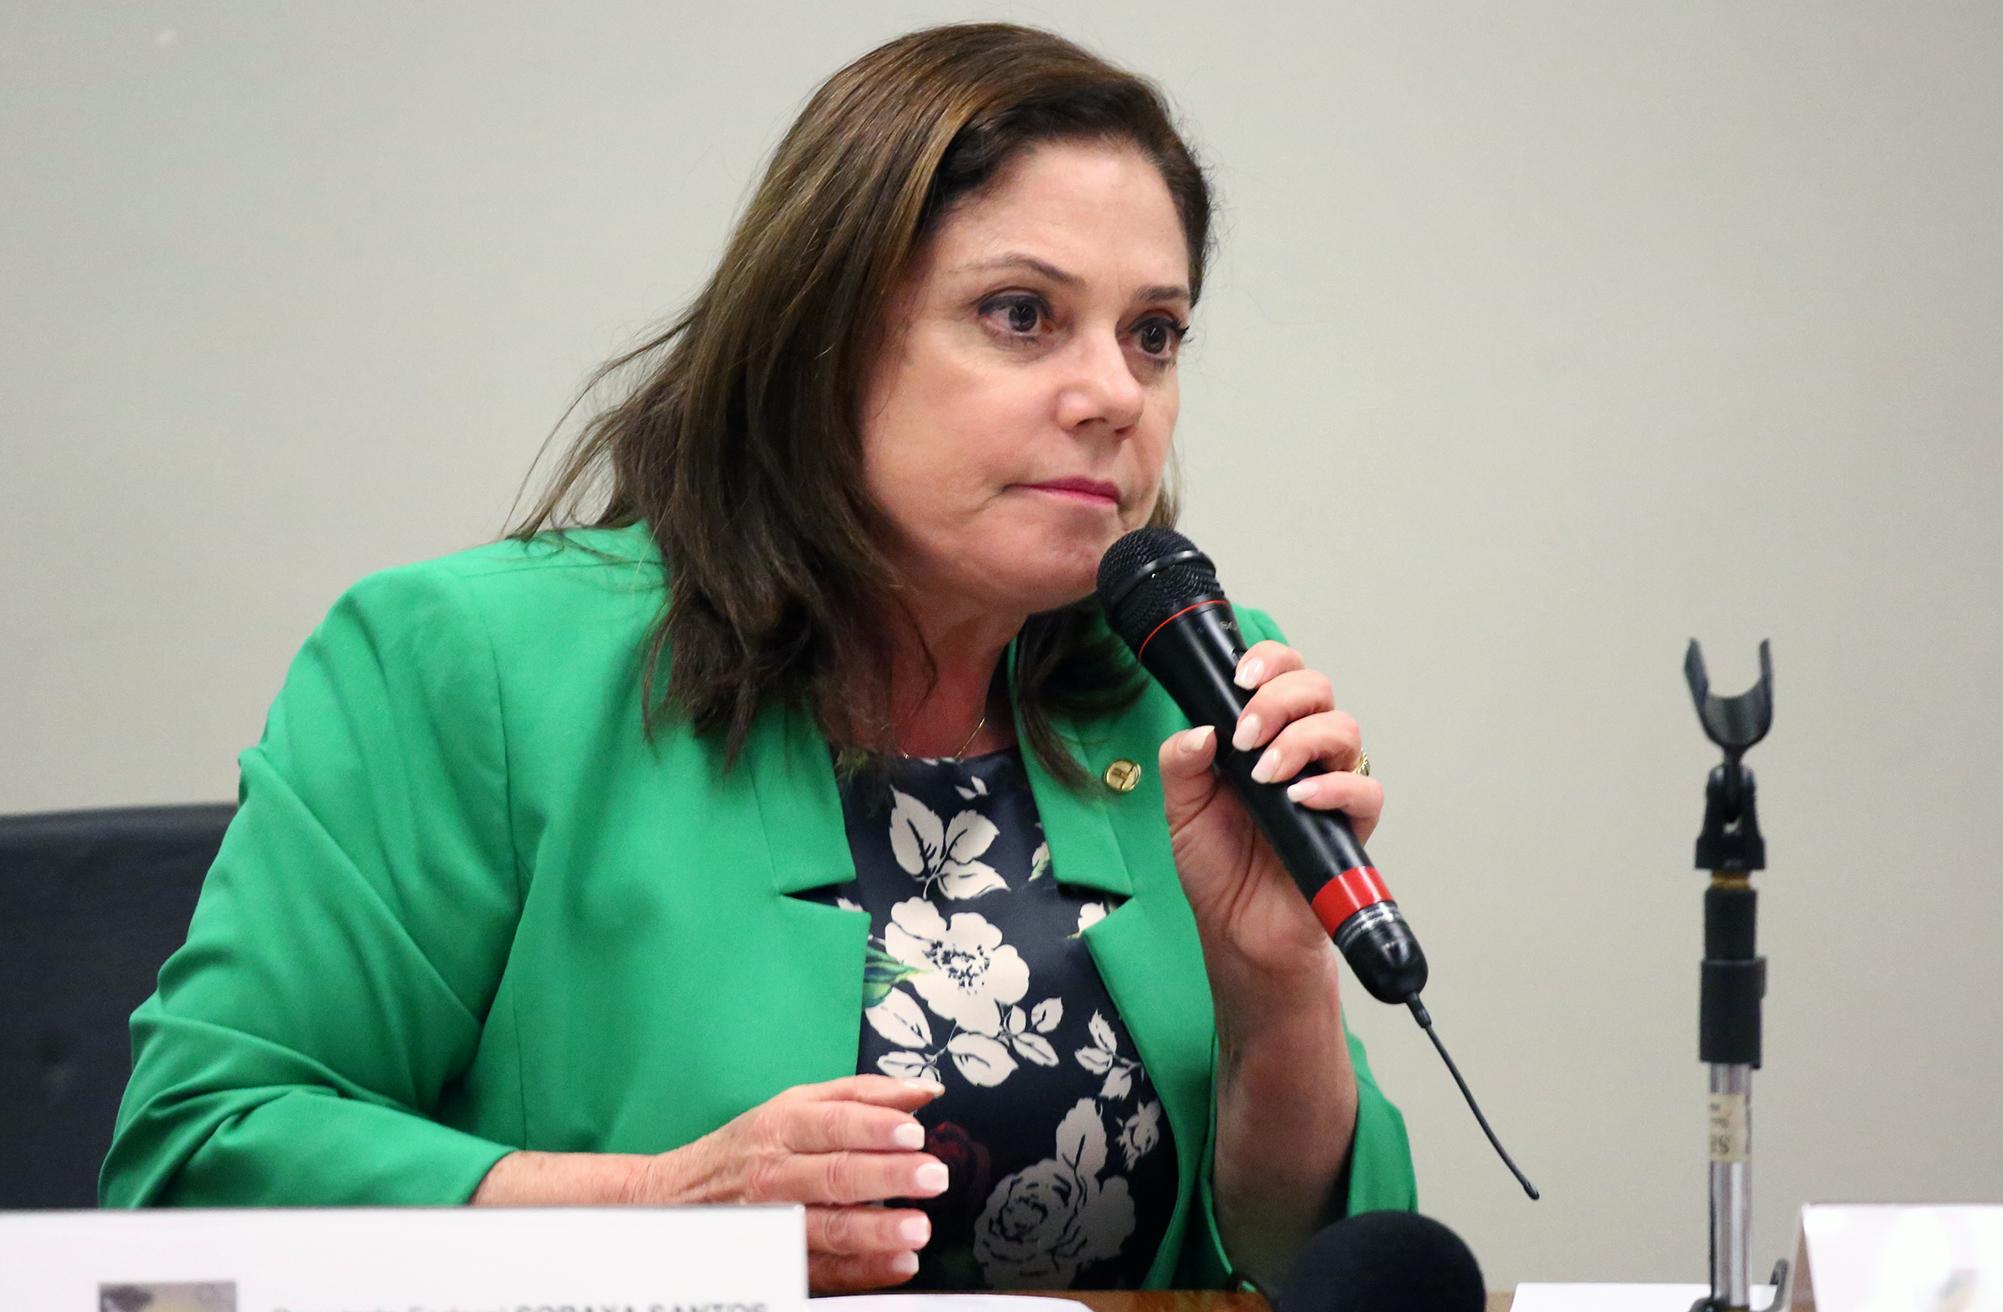 Audiência pública sobre o Enfrentamento da Violência no Legislativo e nas Políticas de Estado. Dep. Soraya Santos (PMDB - RJ)